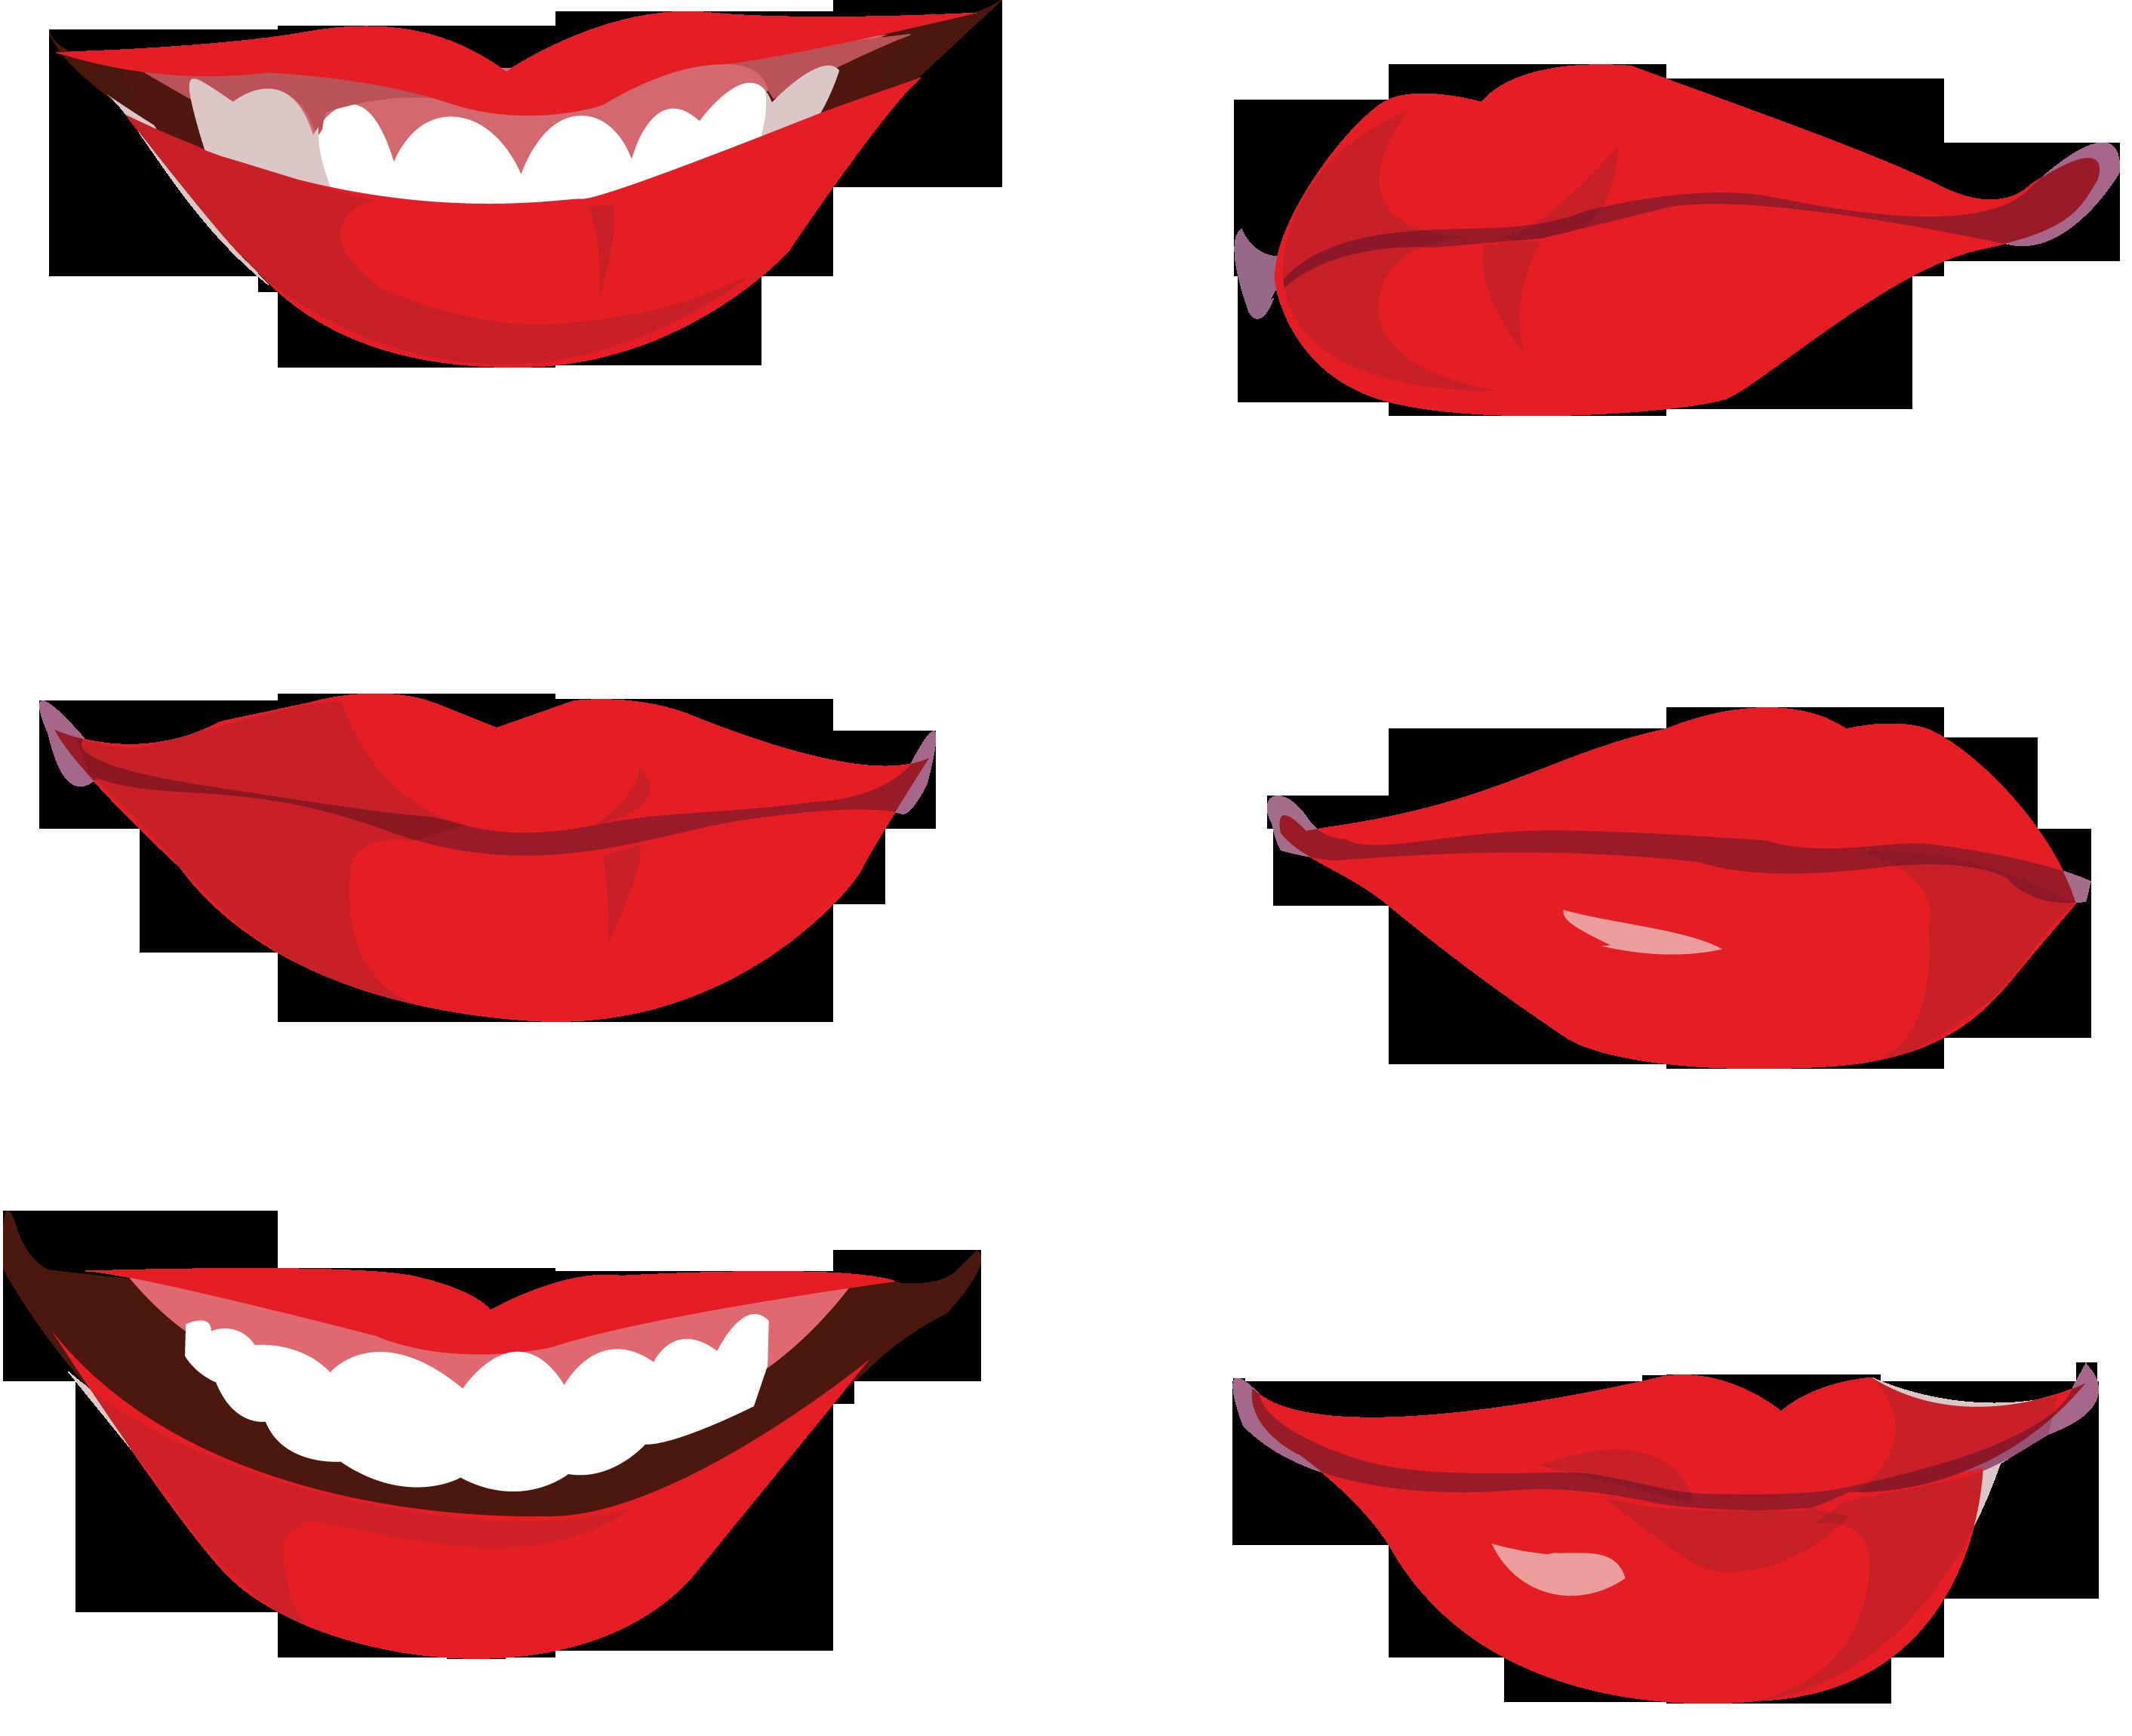 губы улыбка картинки